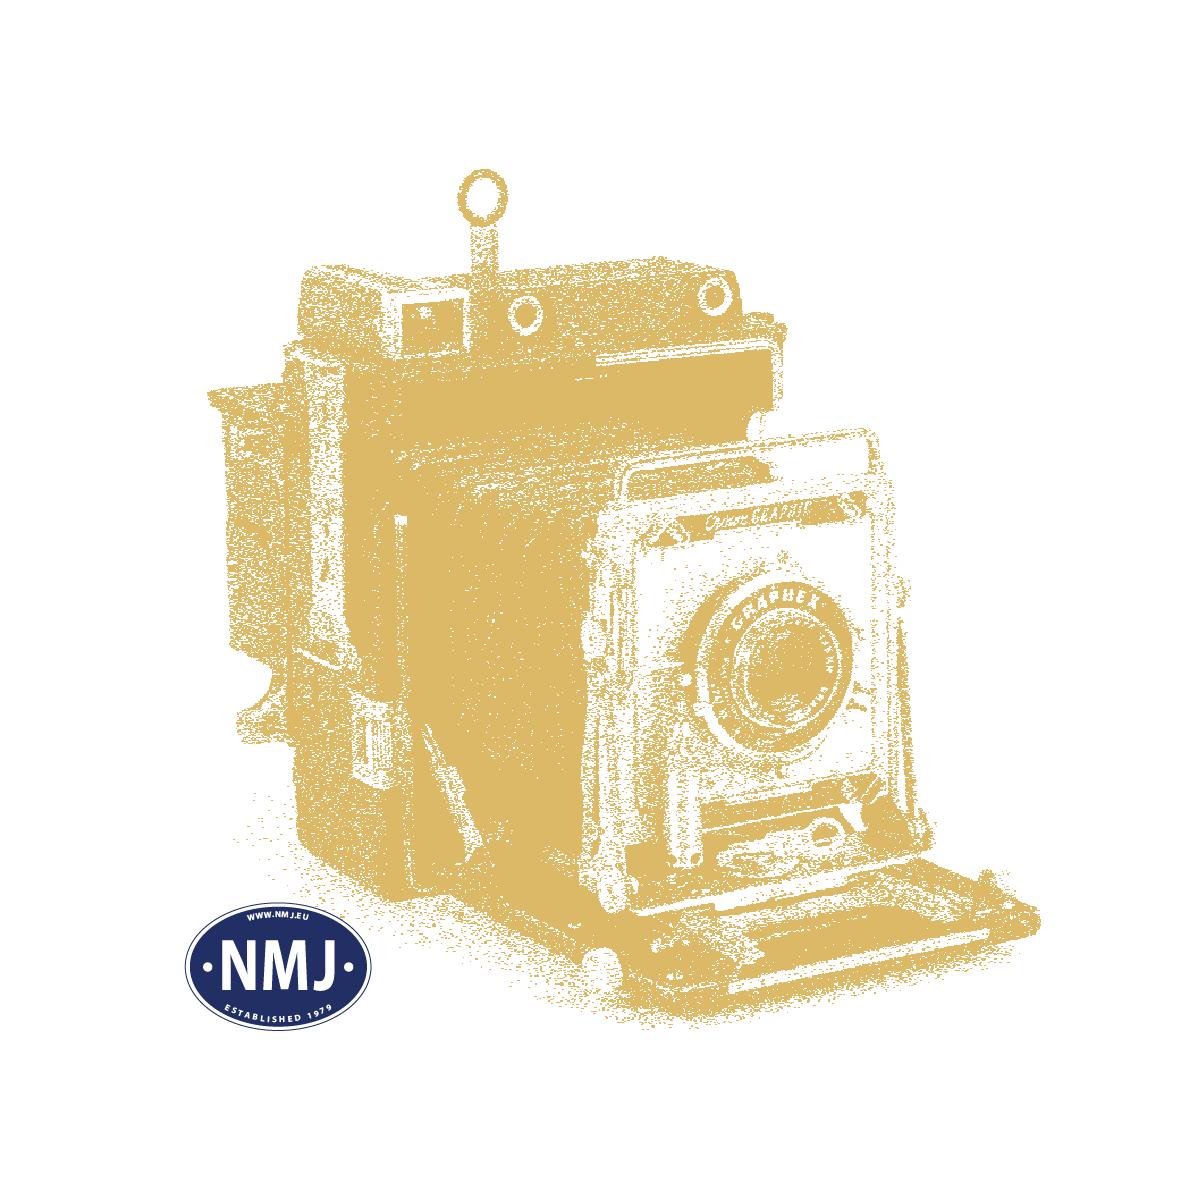 NMJT610.201 - NMJ Topline SJ Ibblps 820 0 372-4 Interfrigo kjølevogn med UIC littering fra 1968.